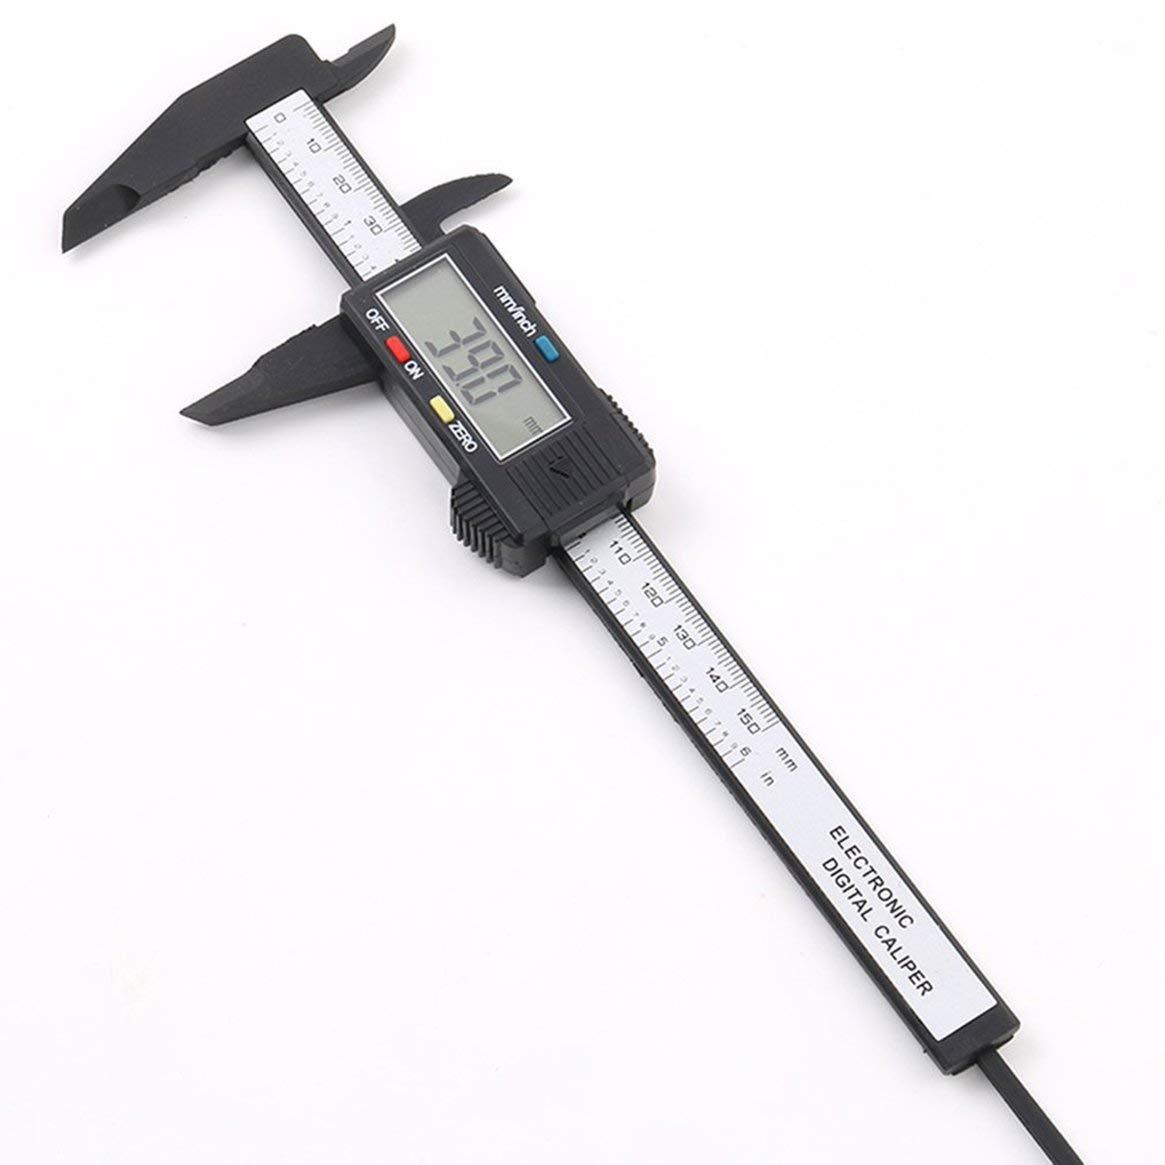 150mm 6 pouces LCD num/érique /électronique en Fiber de carbone vernier pied /à coulisse jauge microm/ètre outil de mesure noir Freeday-uk